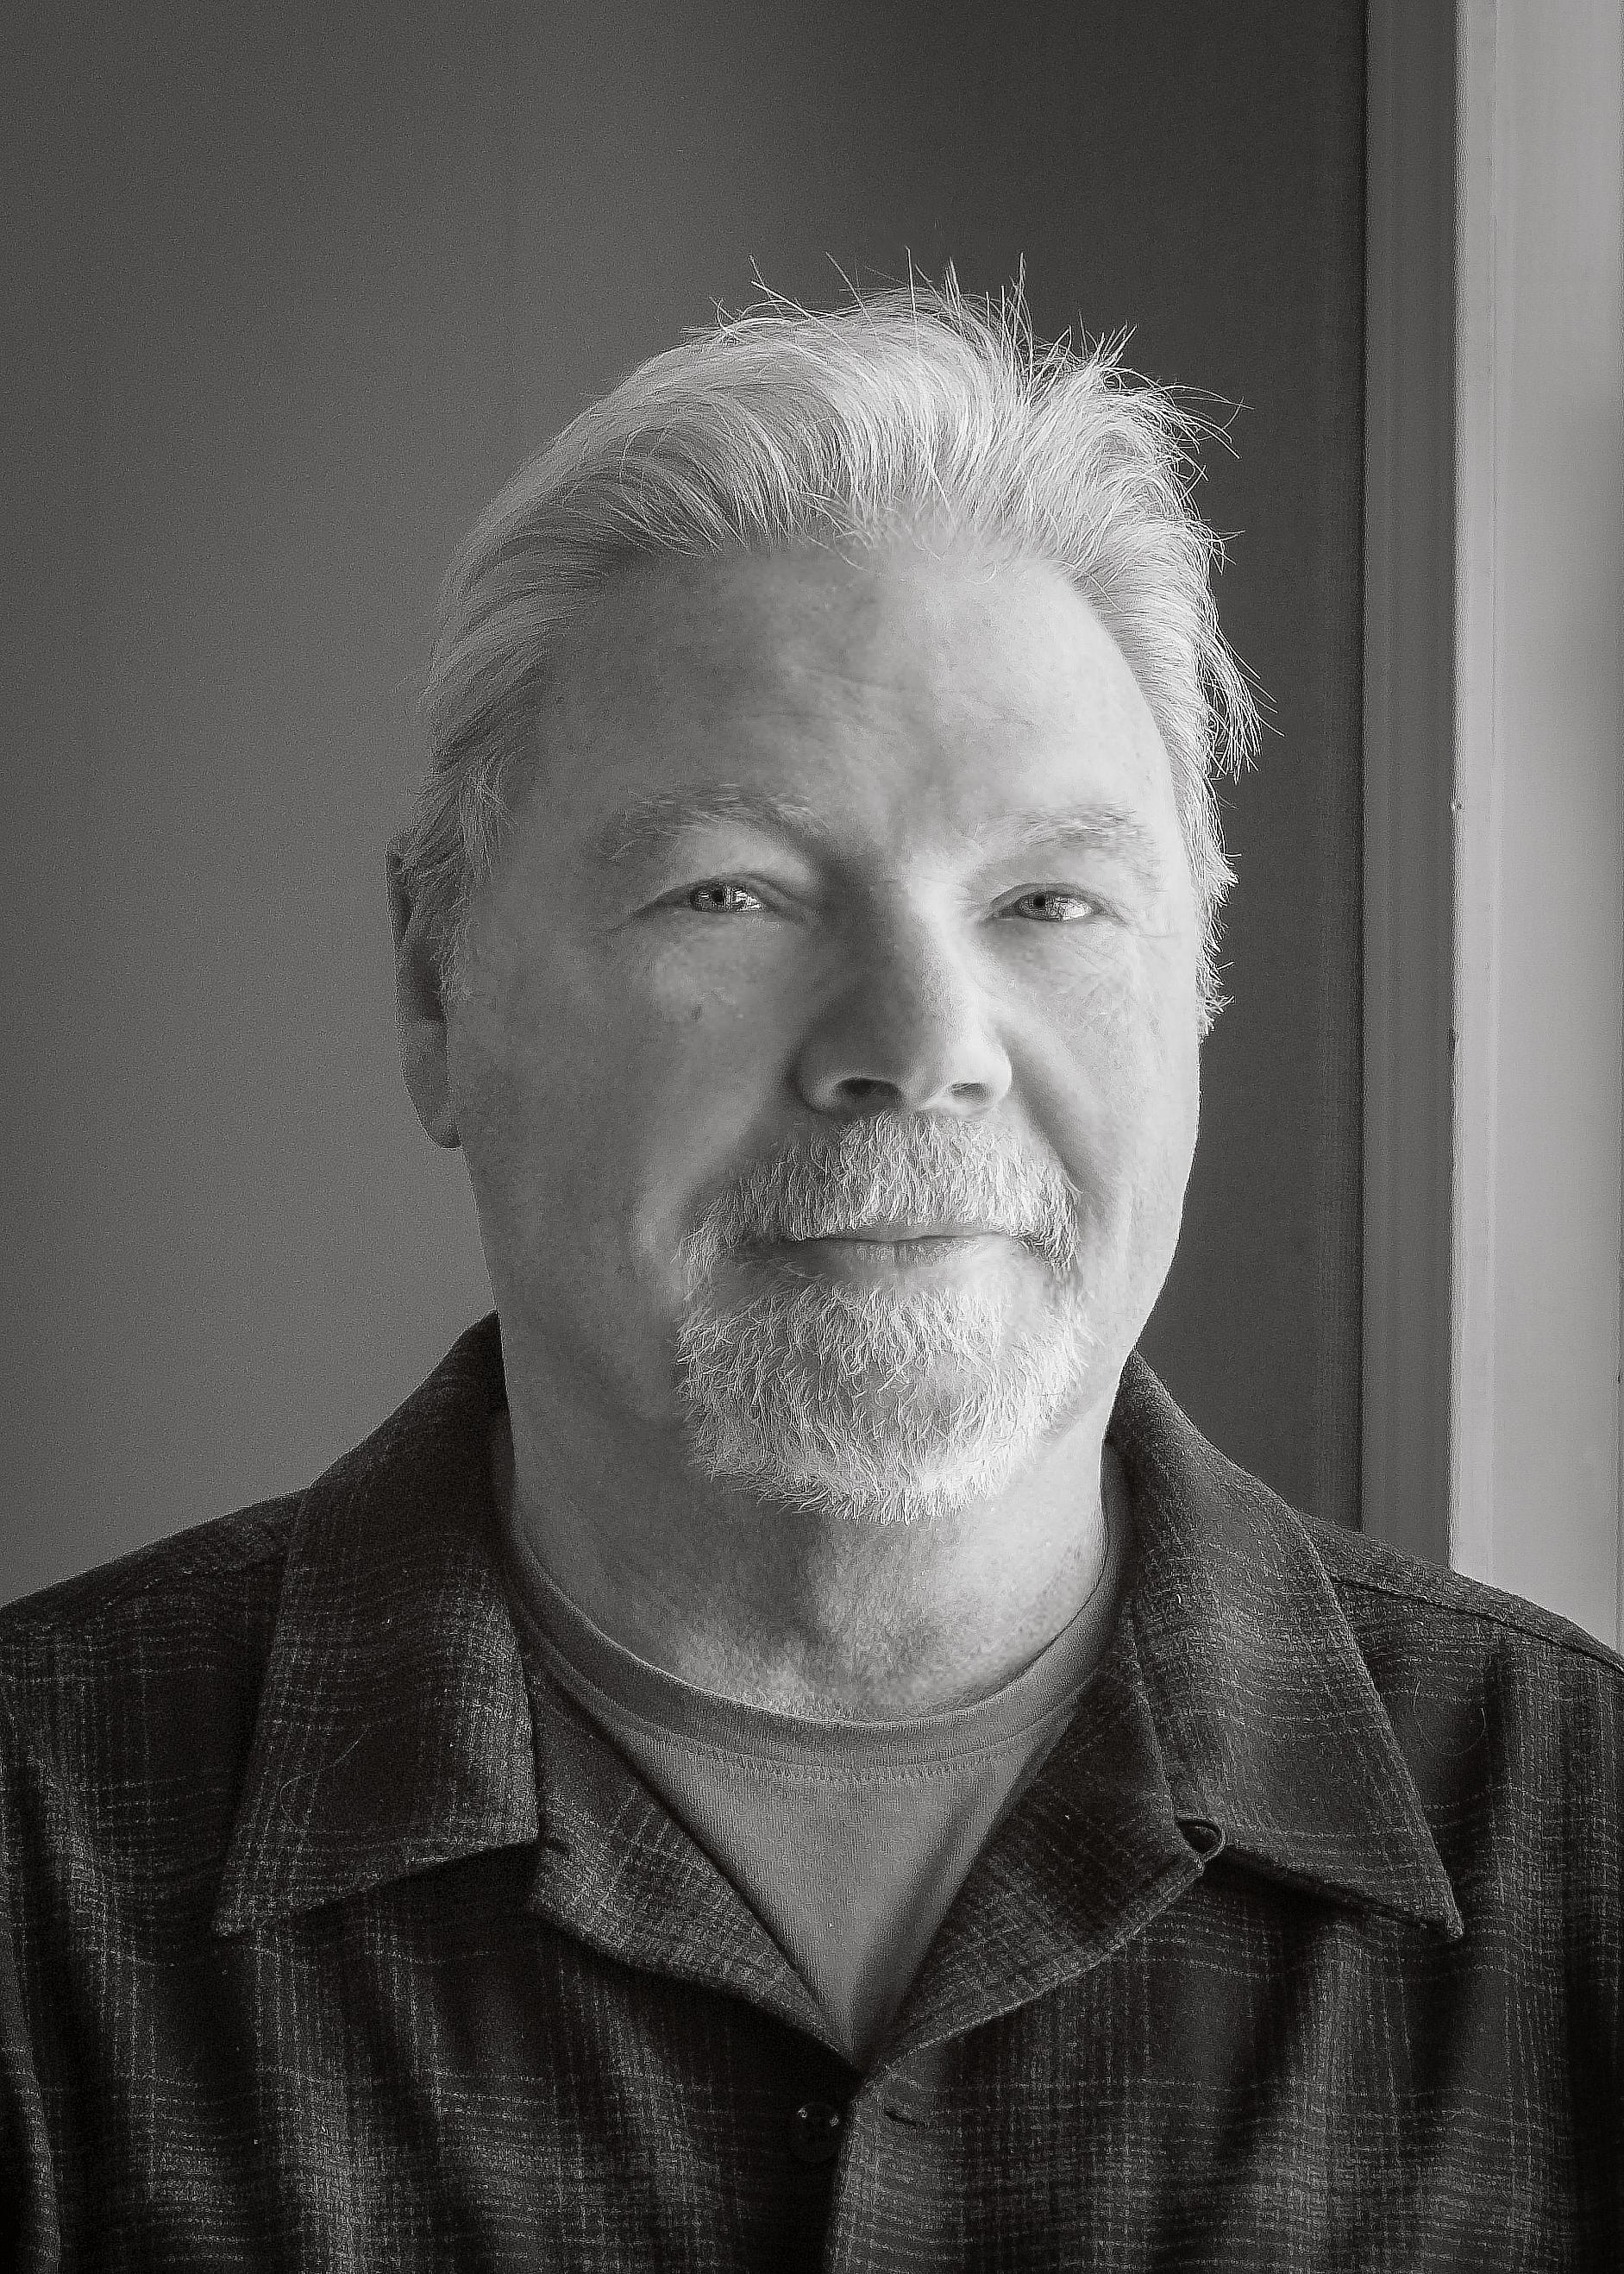 Robert Cording